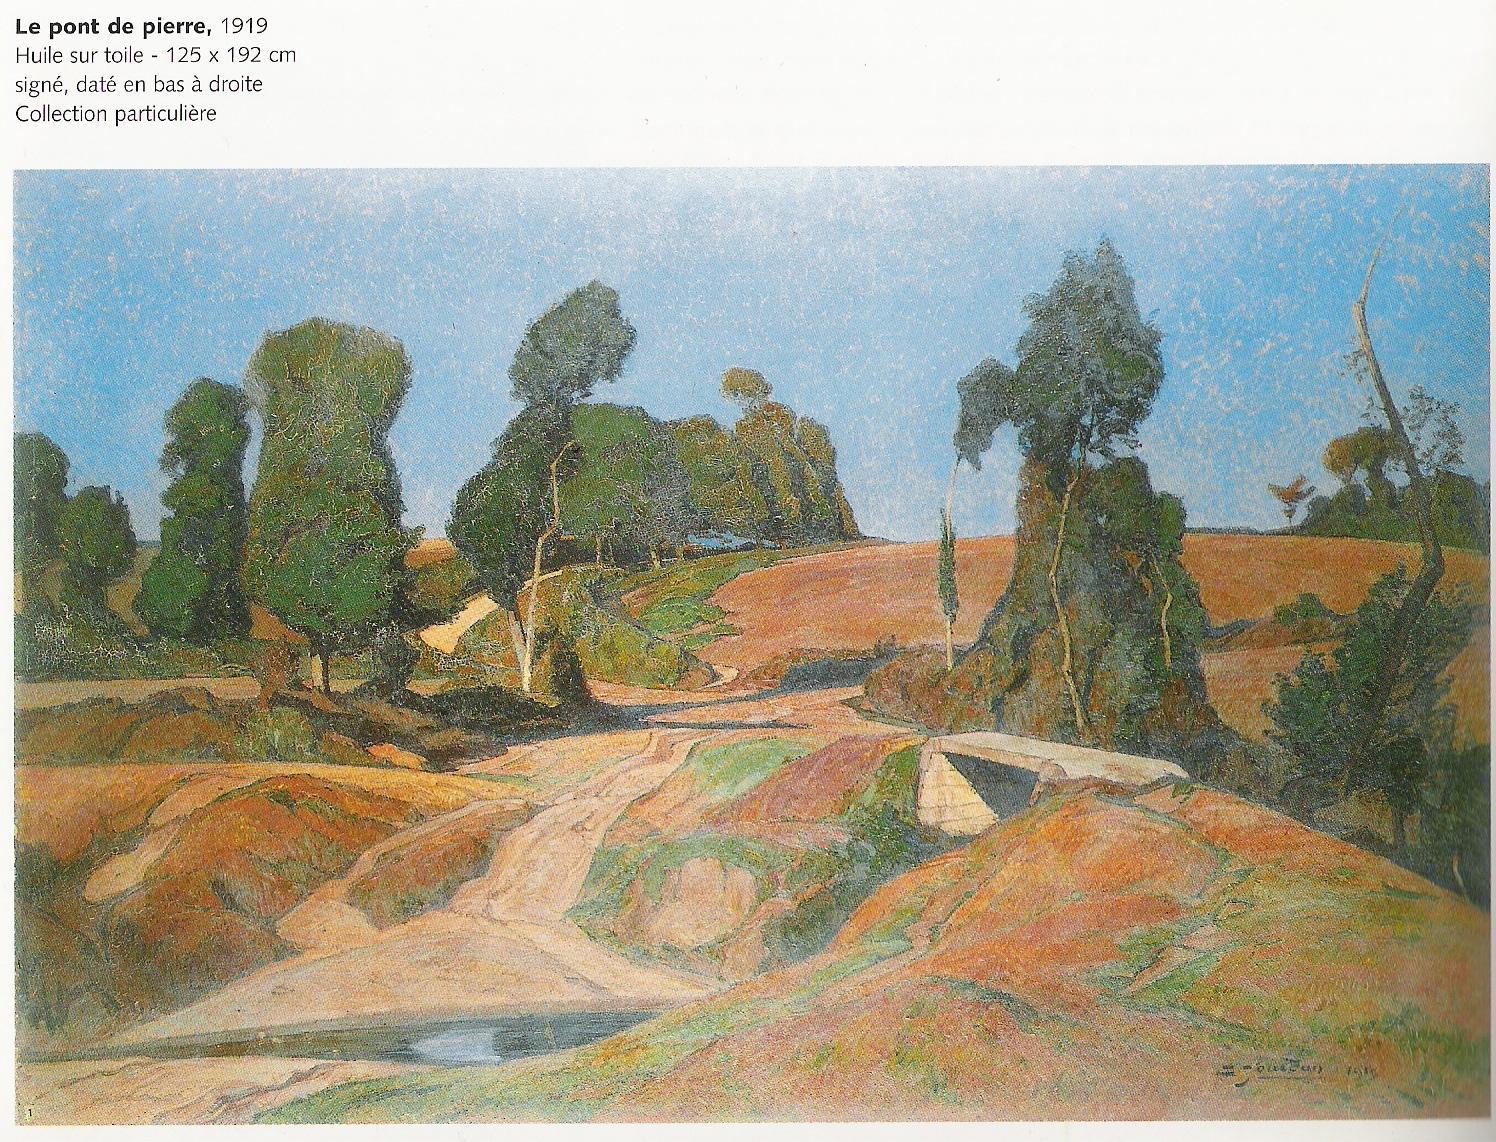 Le pont de pierre-1919 (huile sur toile-125x192 cm-Collection particulière)